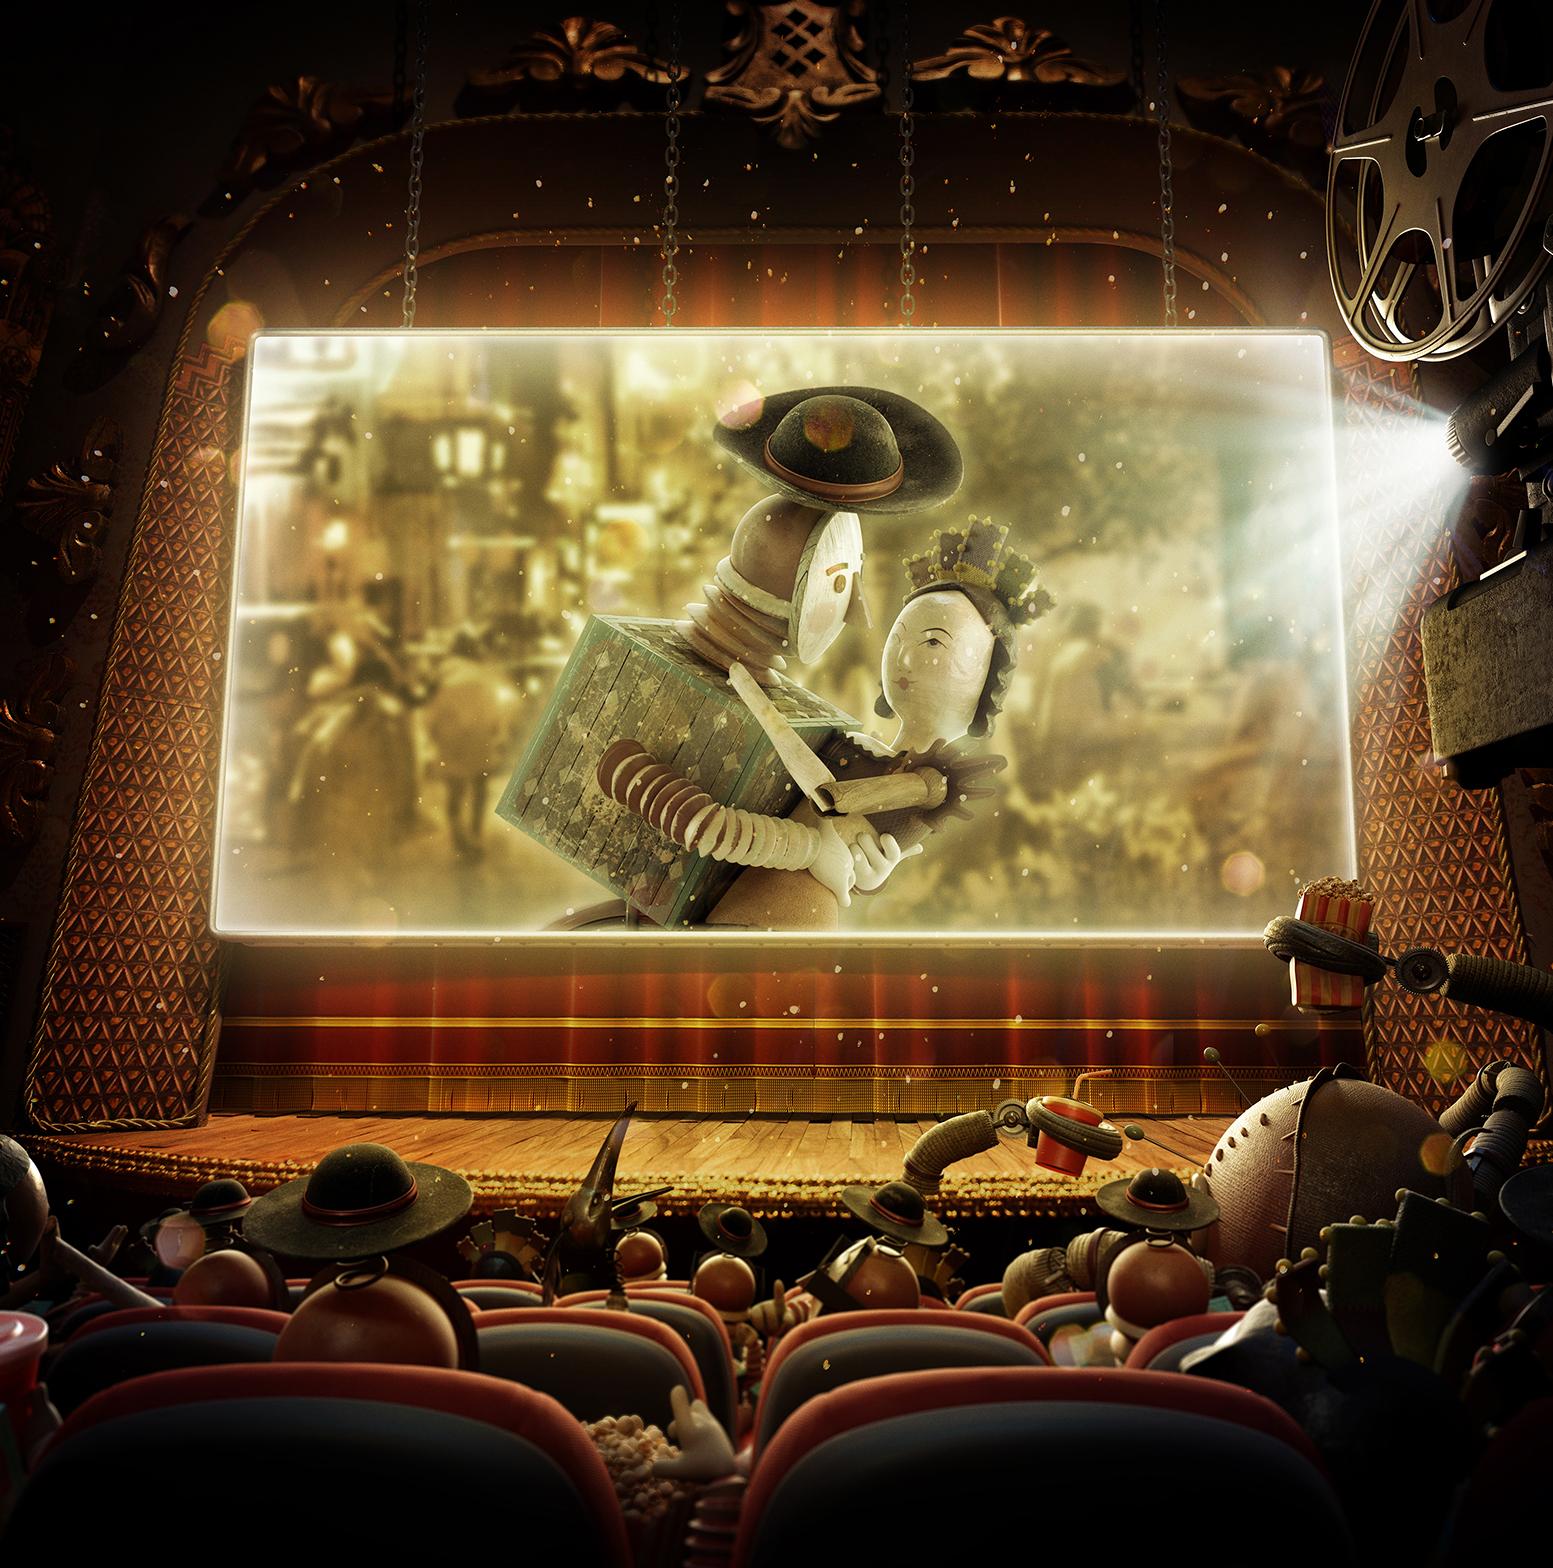 Caixa_Cinema_Web.jpg